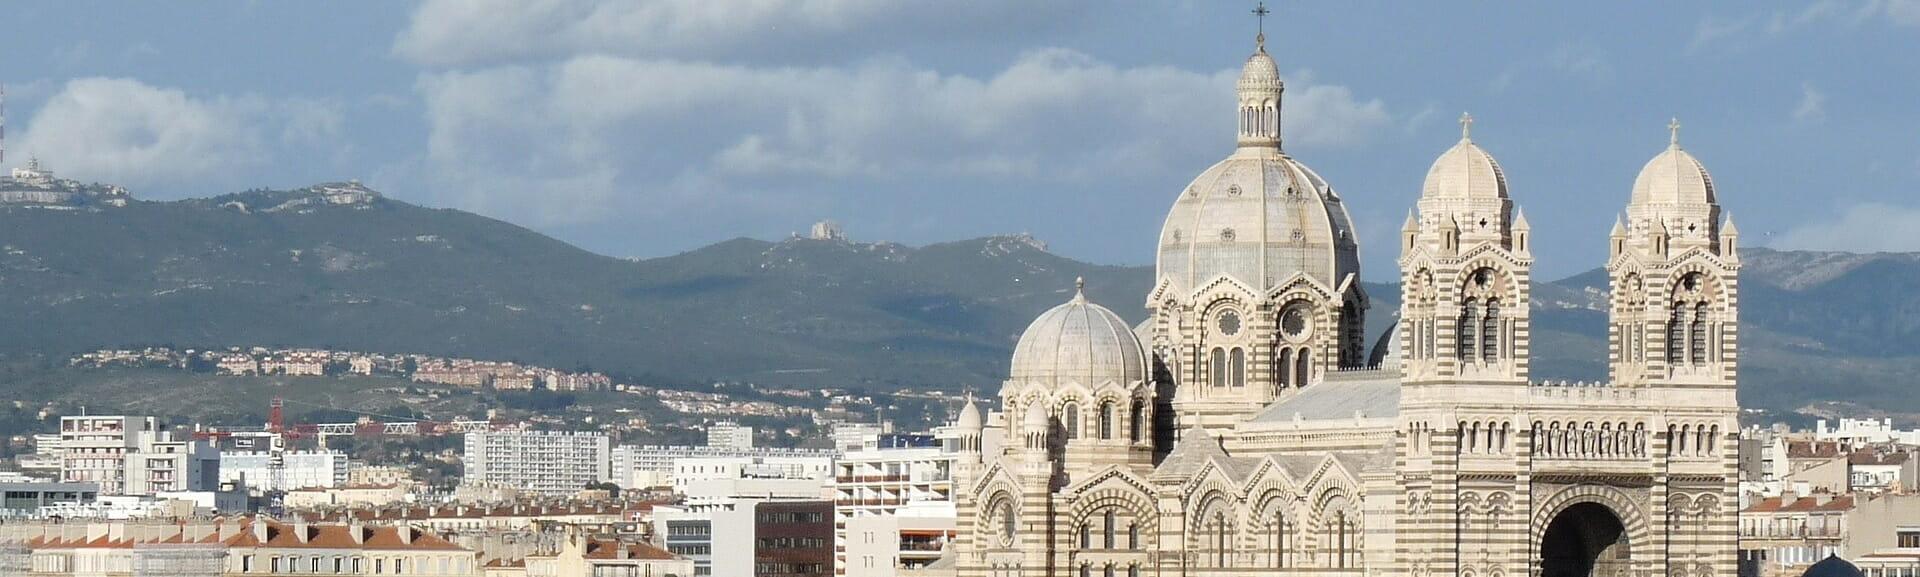 Klassenfahrt Marseille Cathédrale de la Major